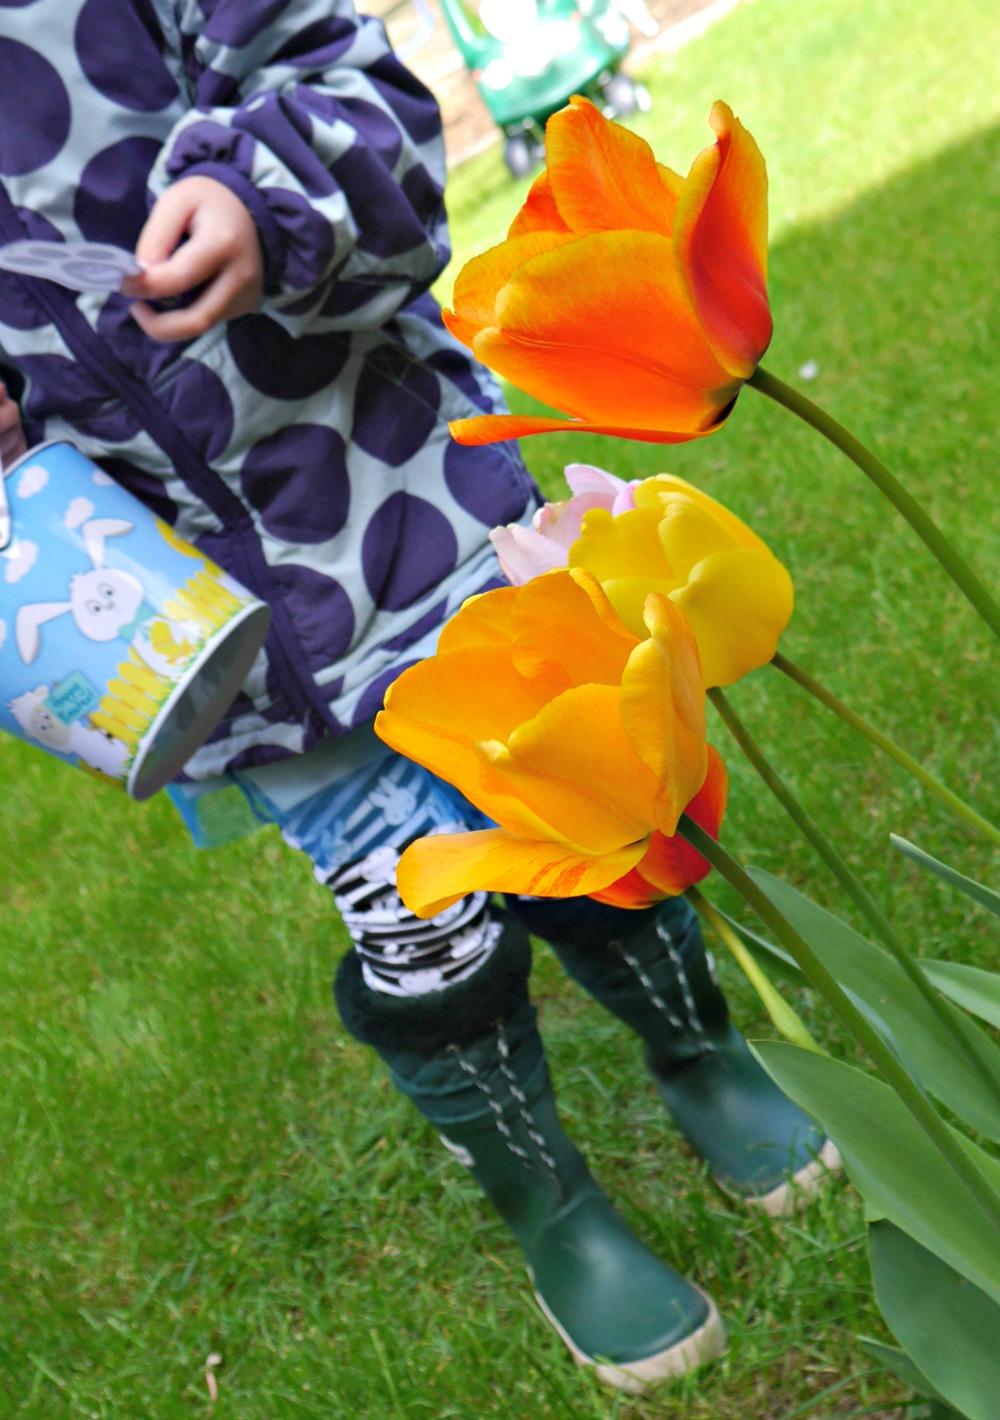 Easter egg hunt - flower clue